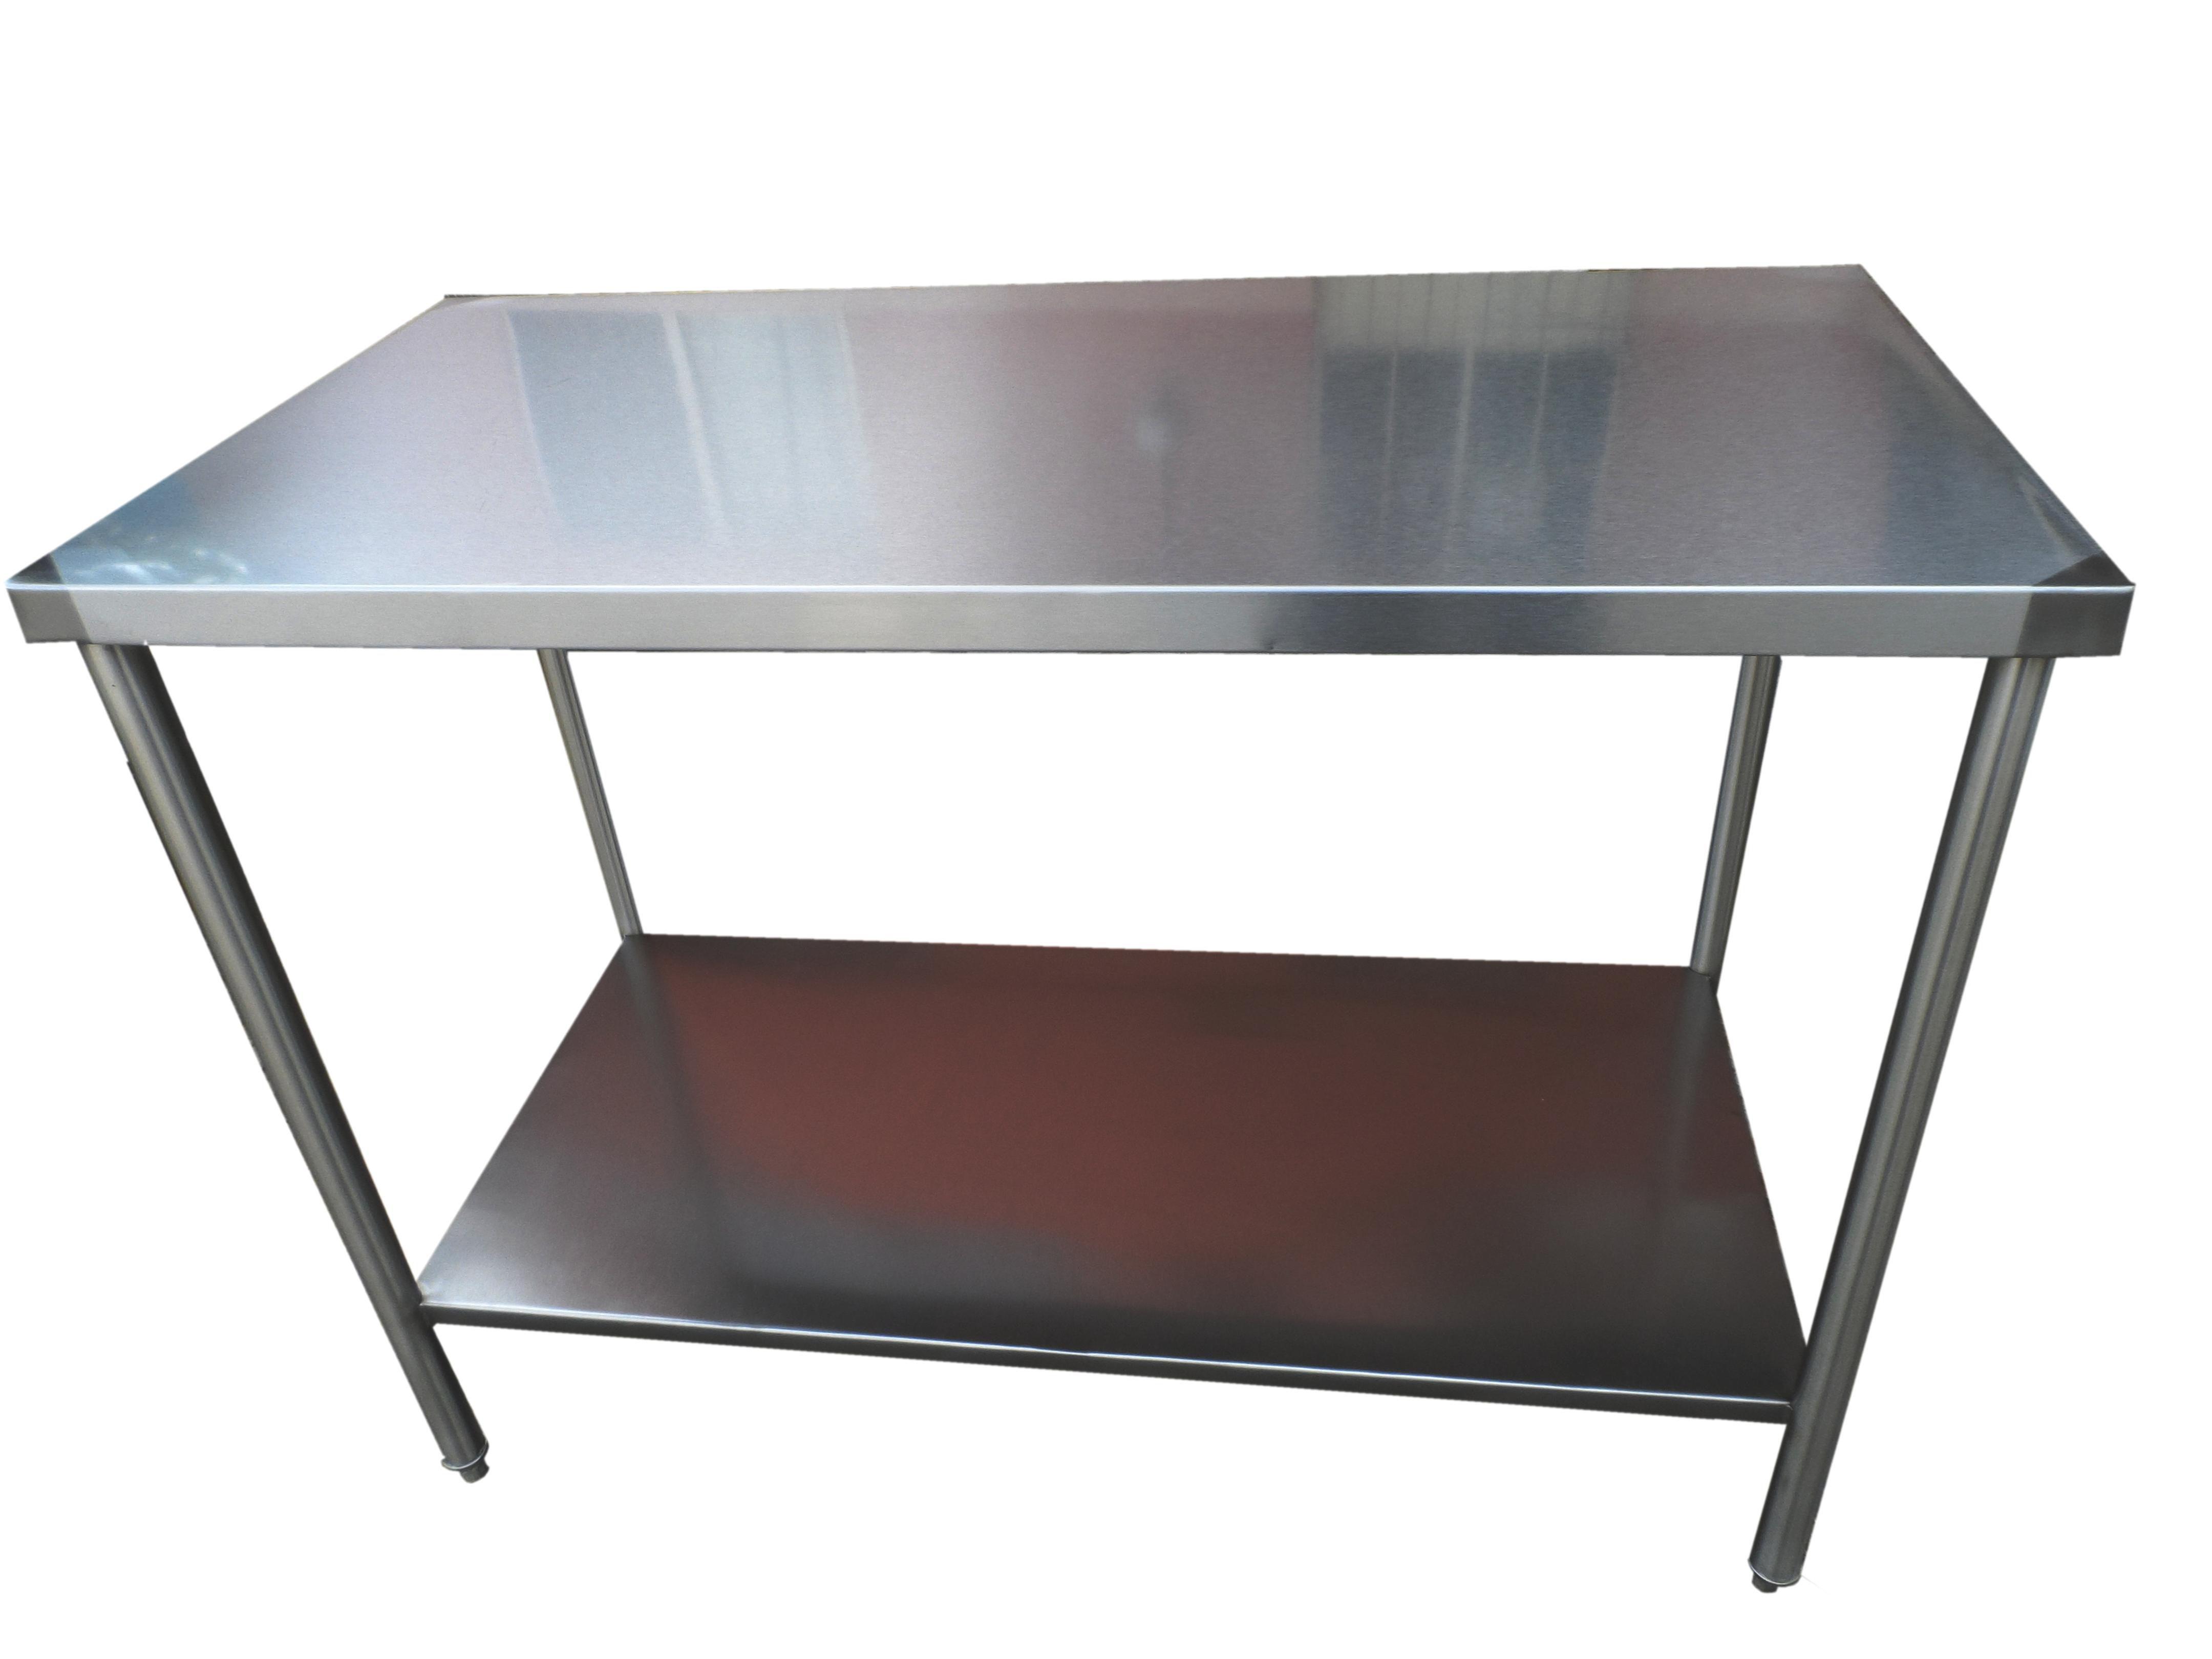 Mesas de trabajo tipo isla con entrepa o en acero - Precio acero inoxidable ...